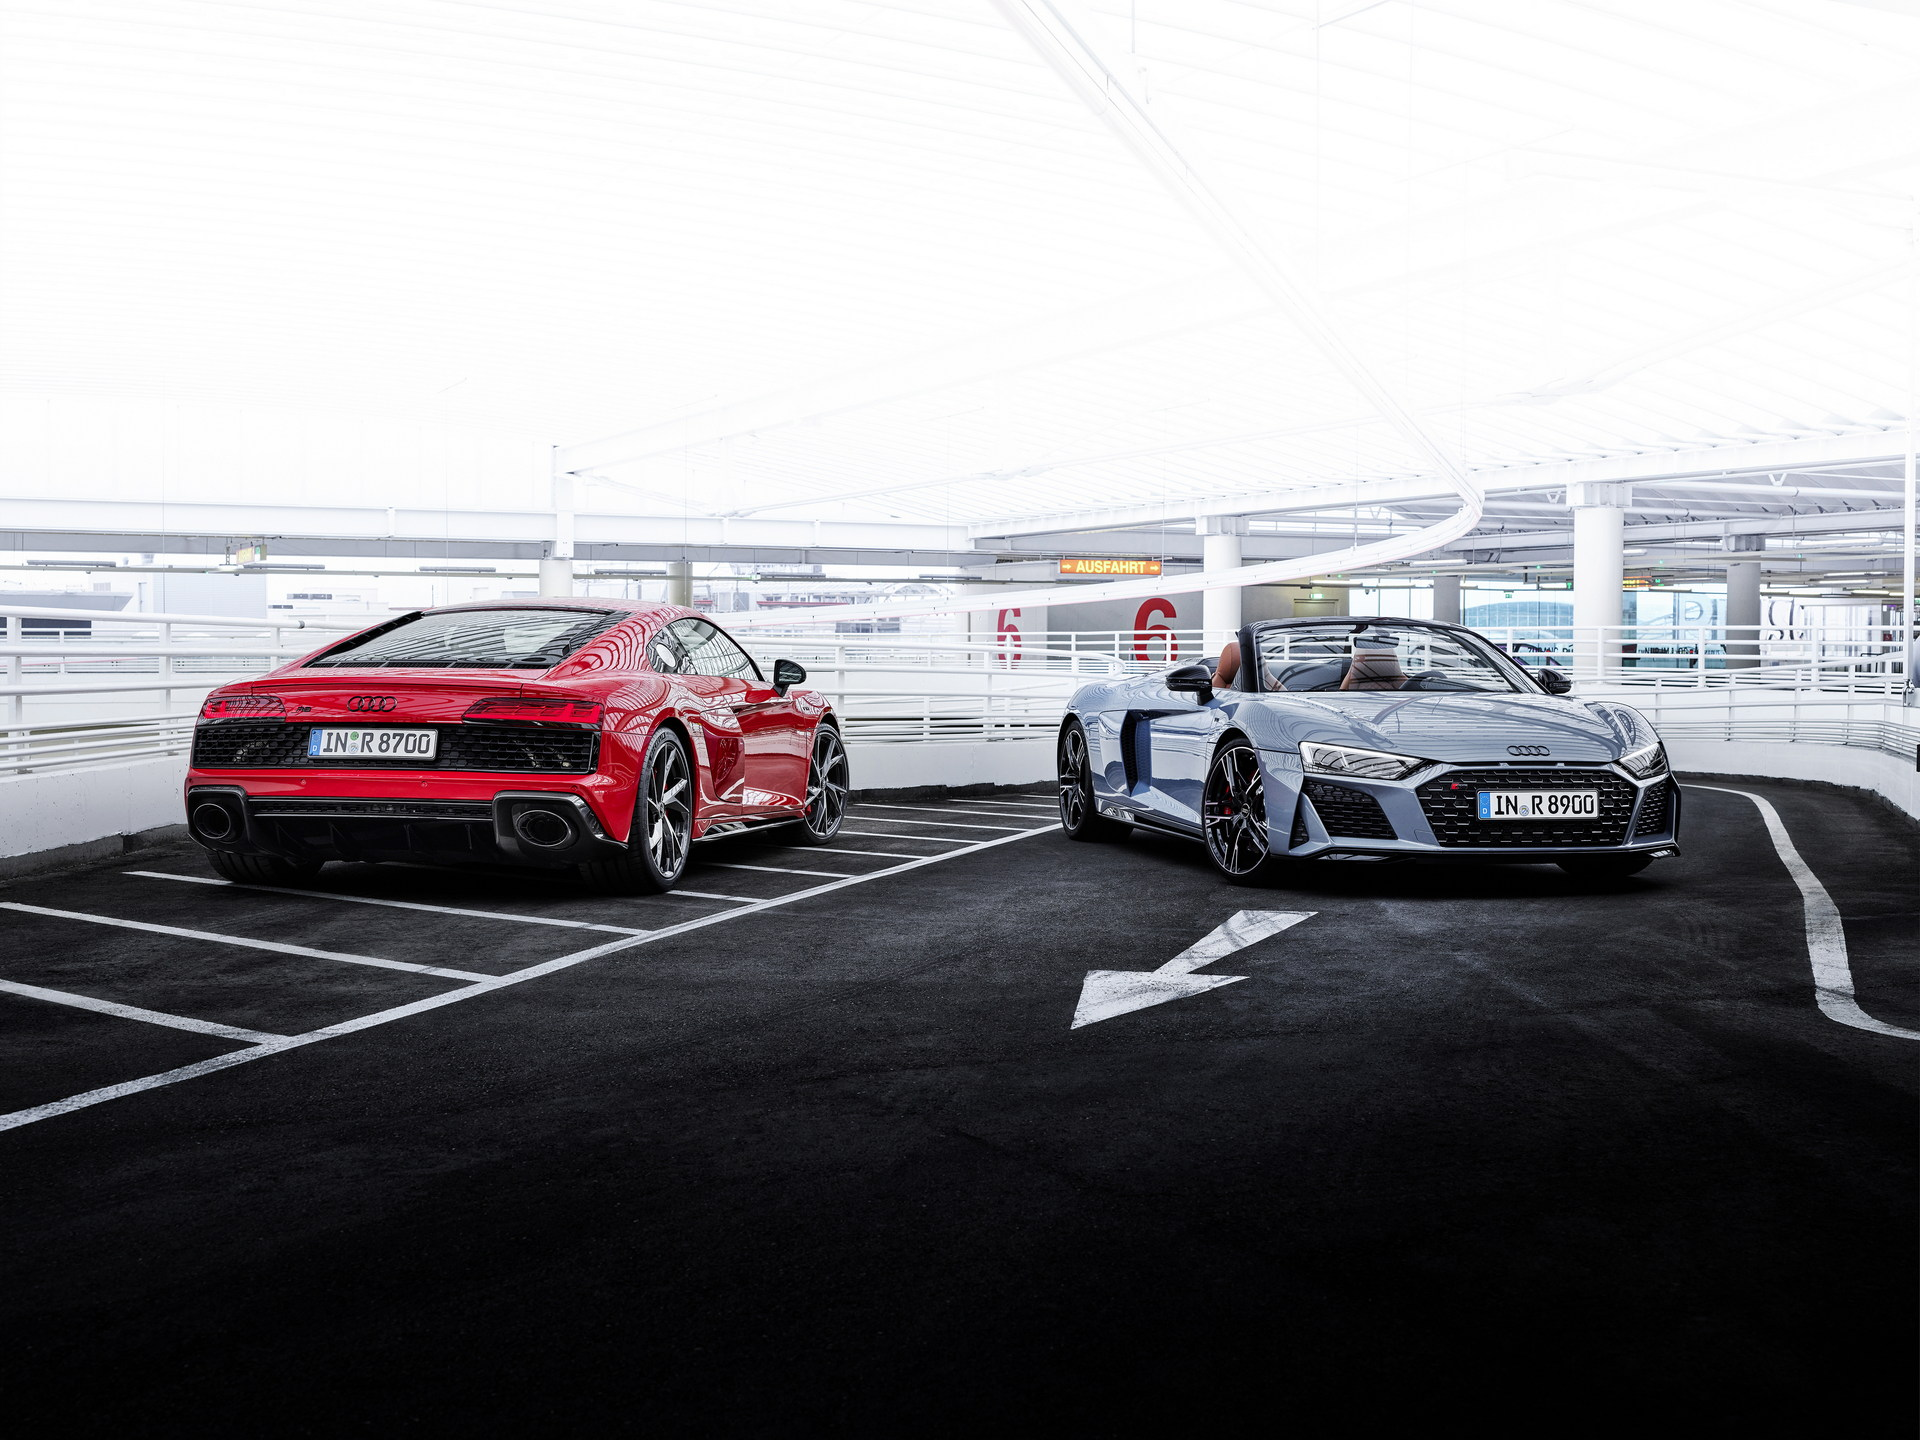 Audi R8 w wersji z tylnym napędem otrzyma wyższą moc od 2022 roku